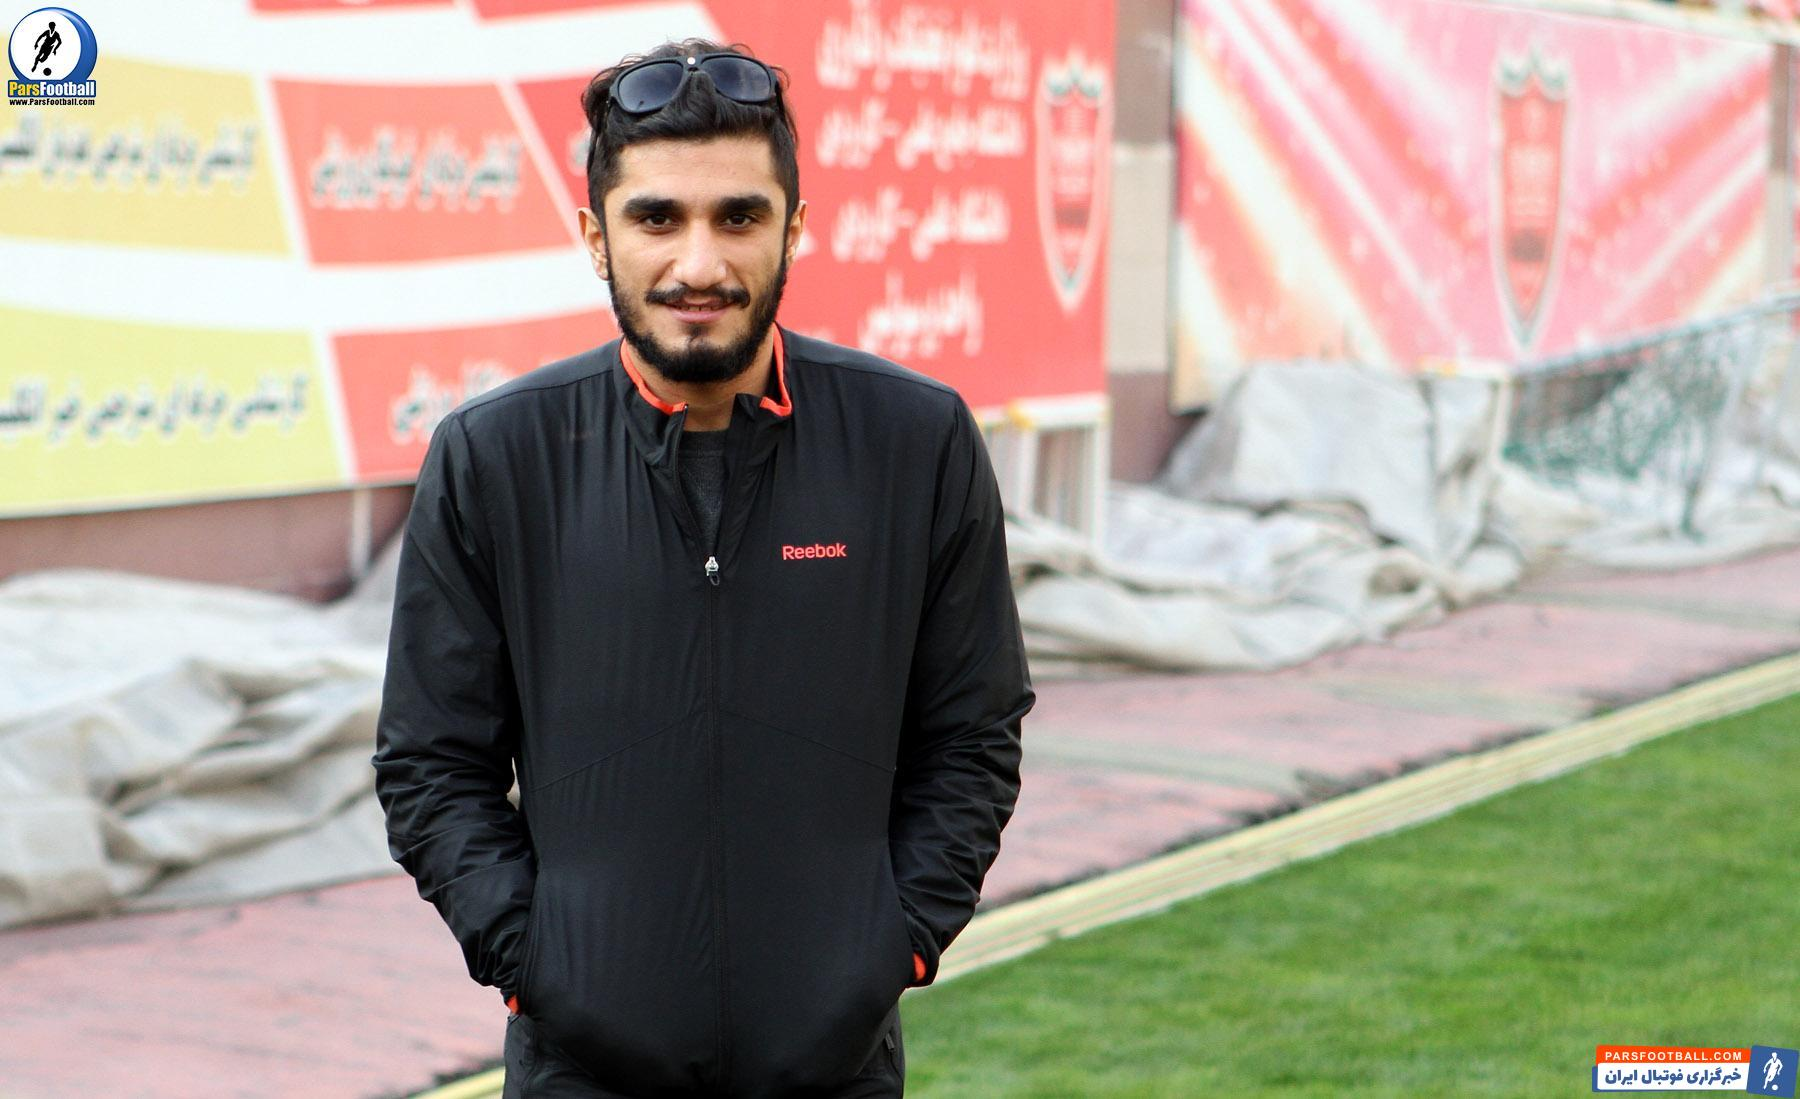 حمید علی عسگری ، بازیکن پیشین پرسپولیس گفت : با نتایجی که پرسپولیس کسب کرد ، نشان داده شد که این بار می تواند قهرمان آسیا شود.